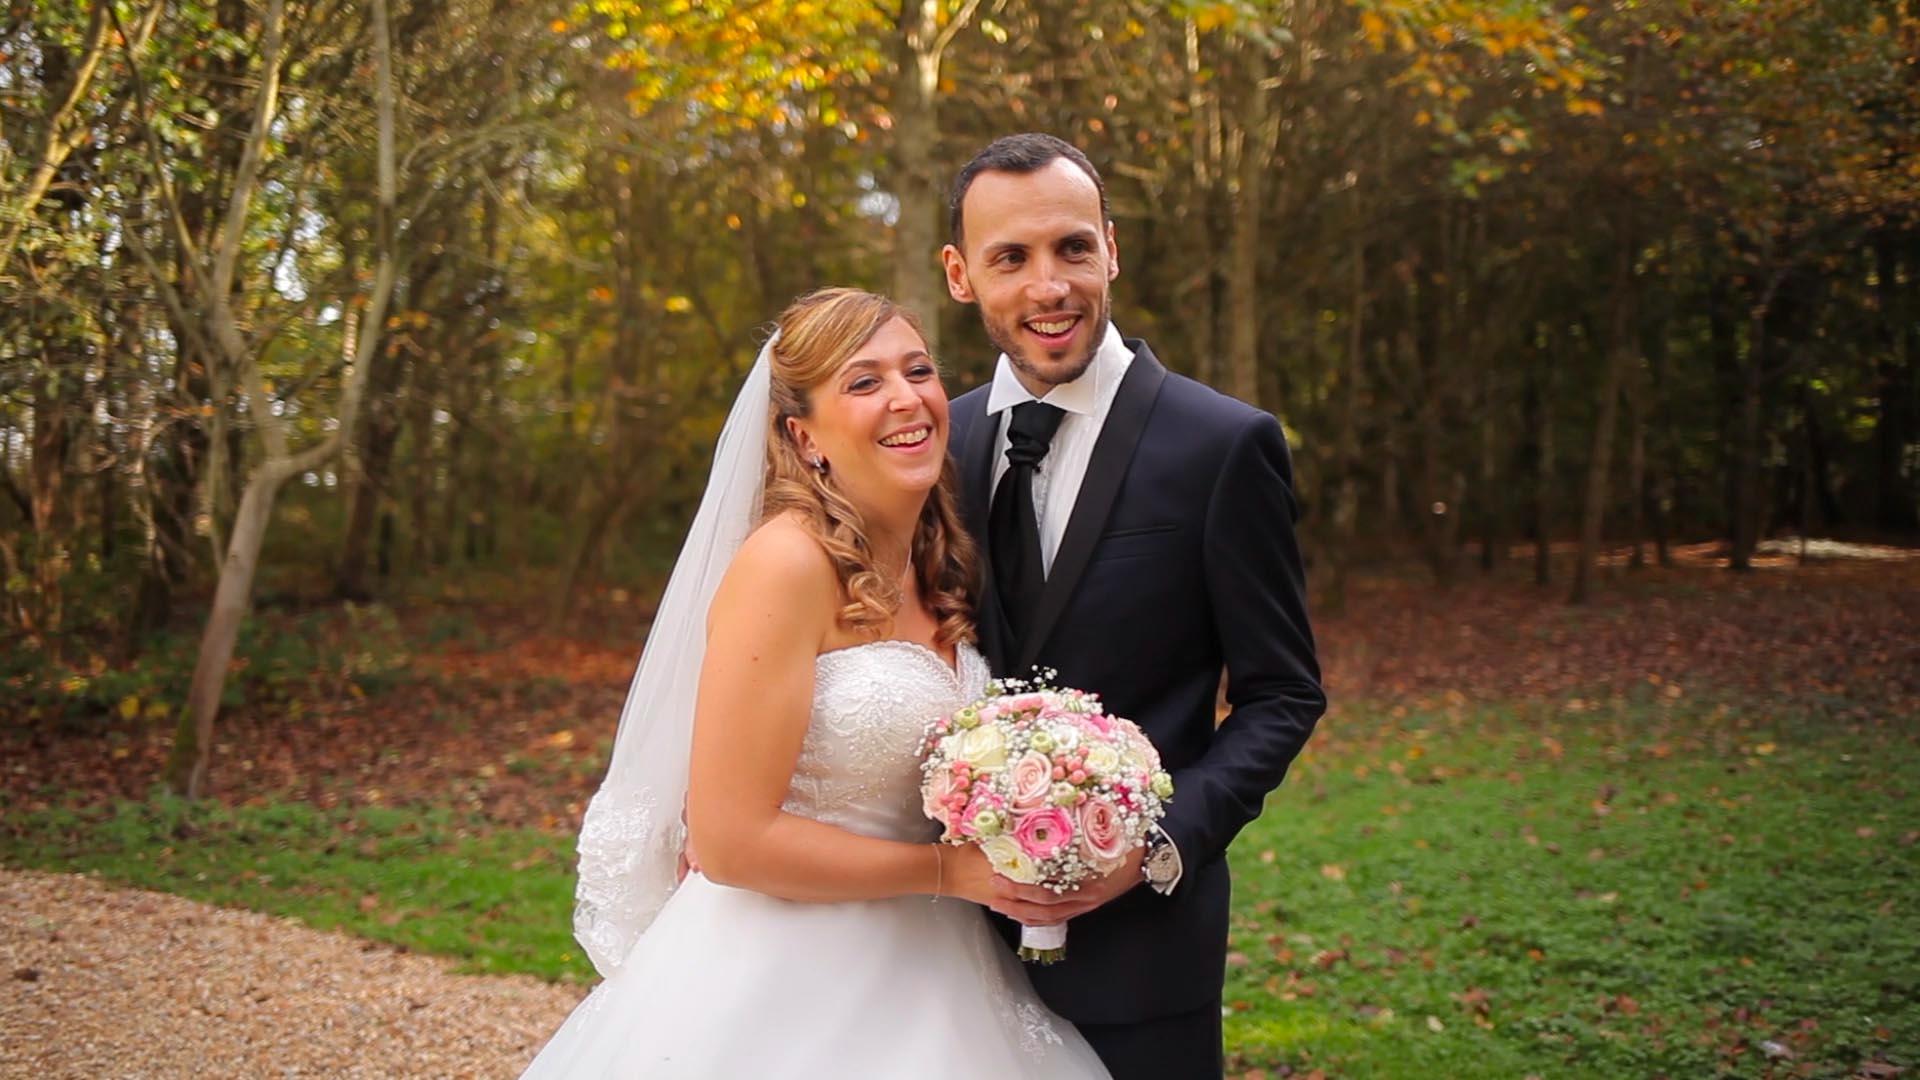 photographe cameraman de mariage